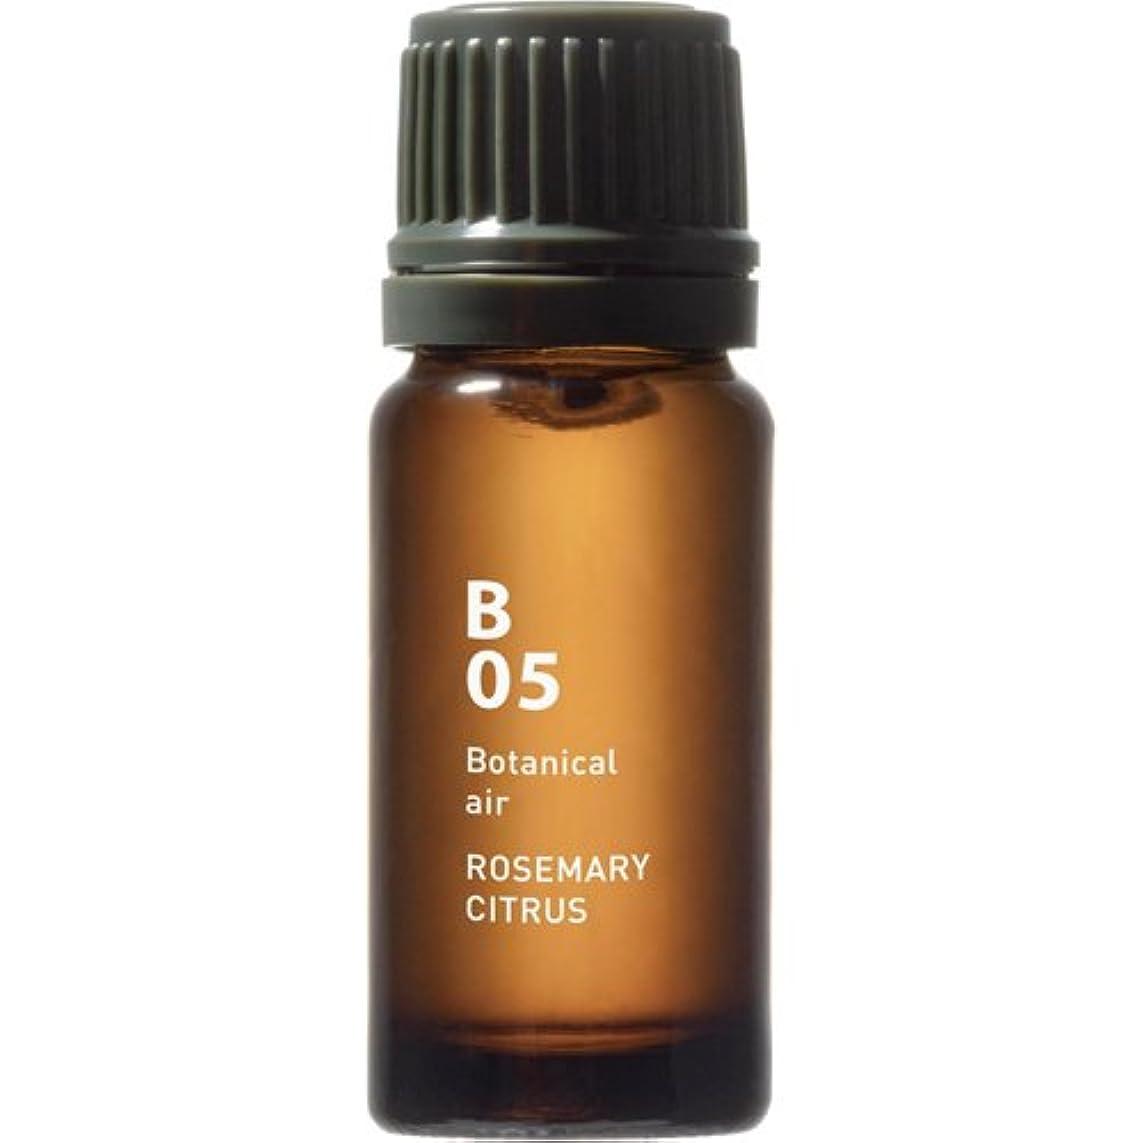 性別教養があるギャングB05 ローズマリーシトラス Botanical air(ボタニカルエアー) 10ml